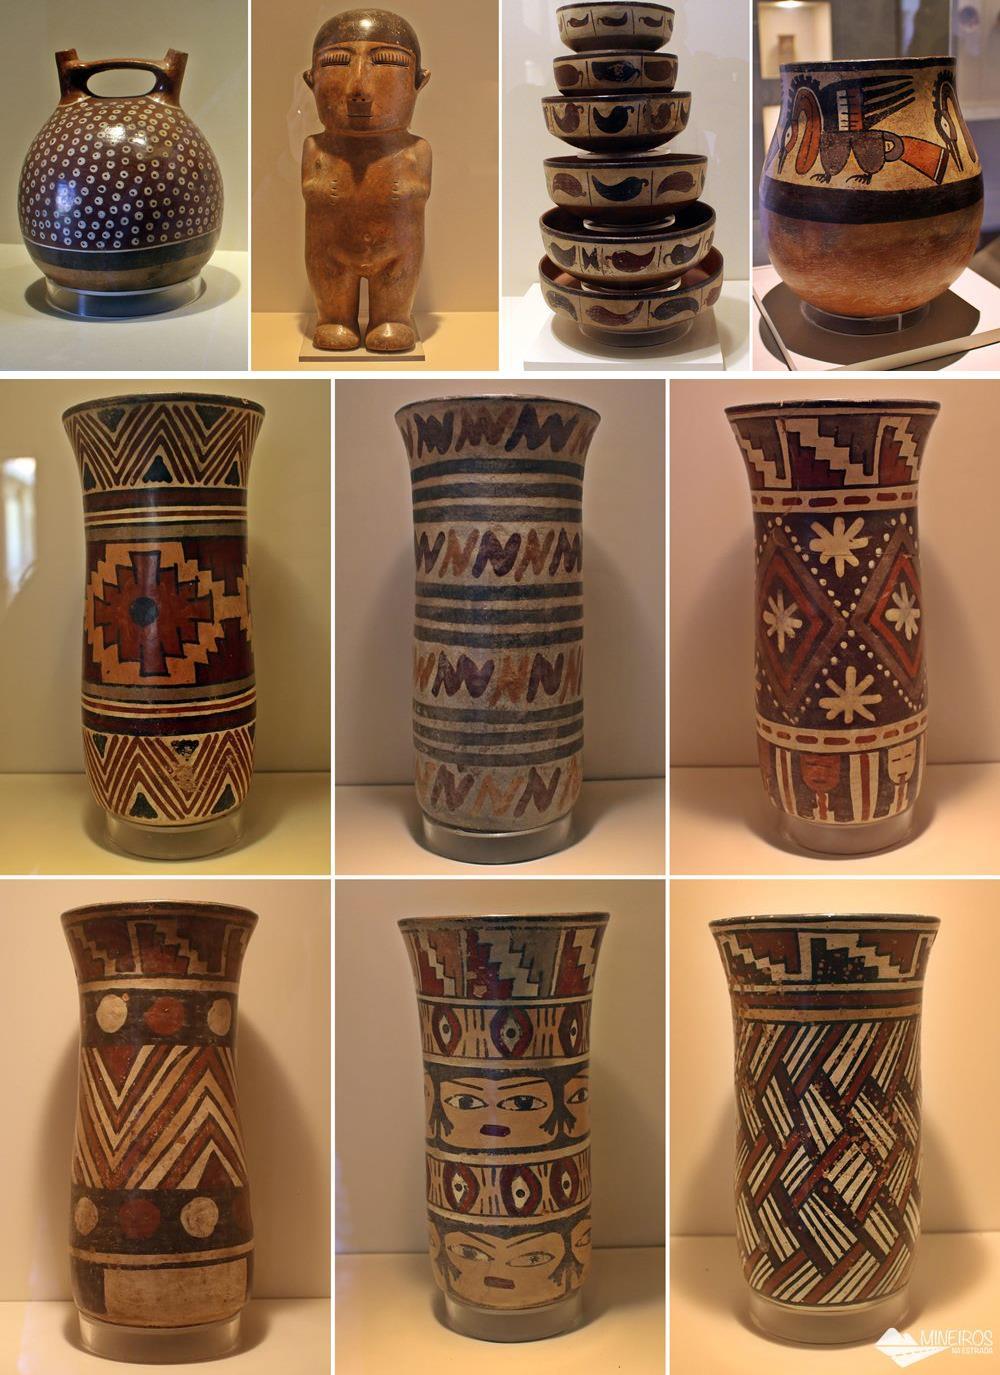 Vasos do povo nasca, expostos no Museu de Arte Precolombino, em Cusco.